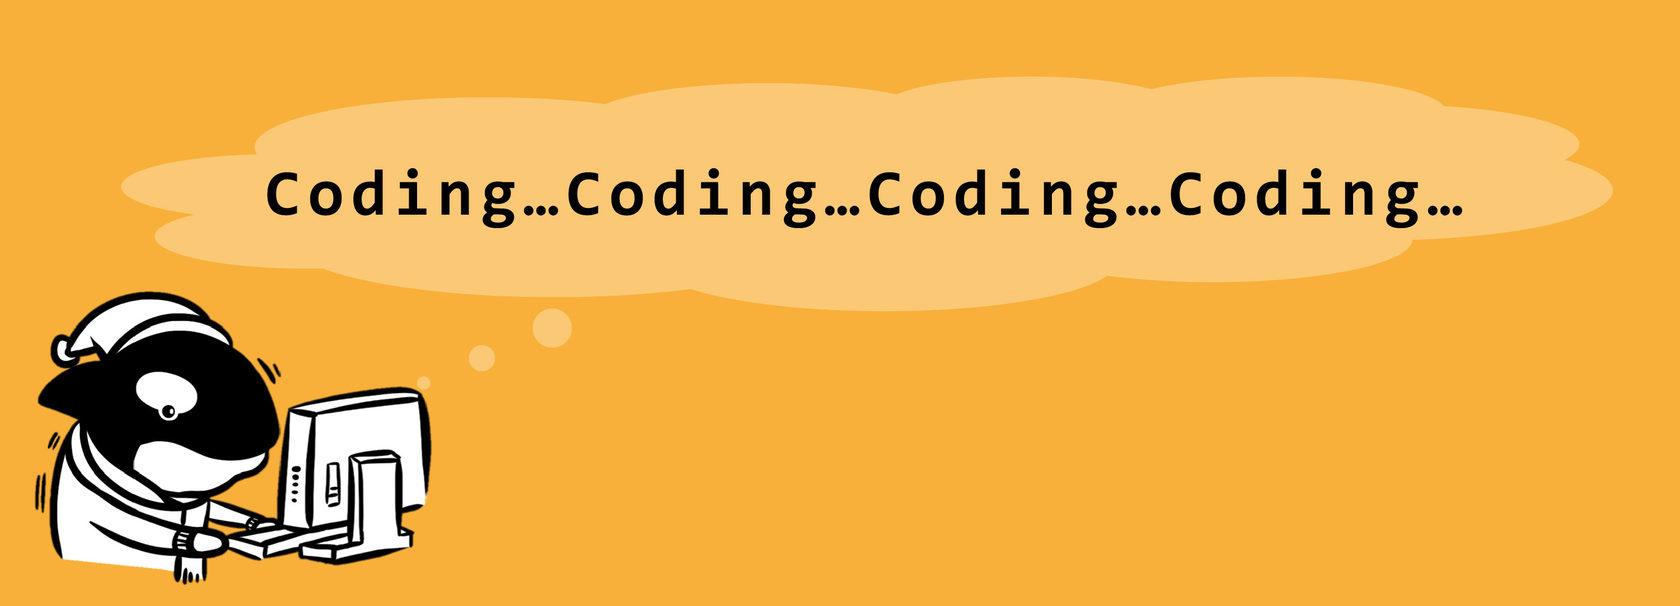 鈦坦人信仰敏捷開發,以SCRUM架構開發軟體,崇尚敏捷管理,團隊自發領導,星期一是每個Sprint的開始,每日站立會議面對面溝通,會進行Review及Retro。我們不只寫Code,更自詡為樂趣製造者Producers of Fun,持續學習,也持續玩樂維持創意的能量。